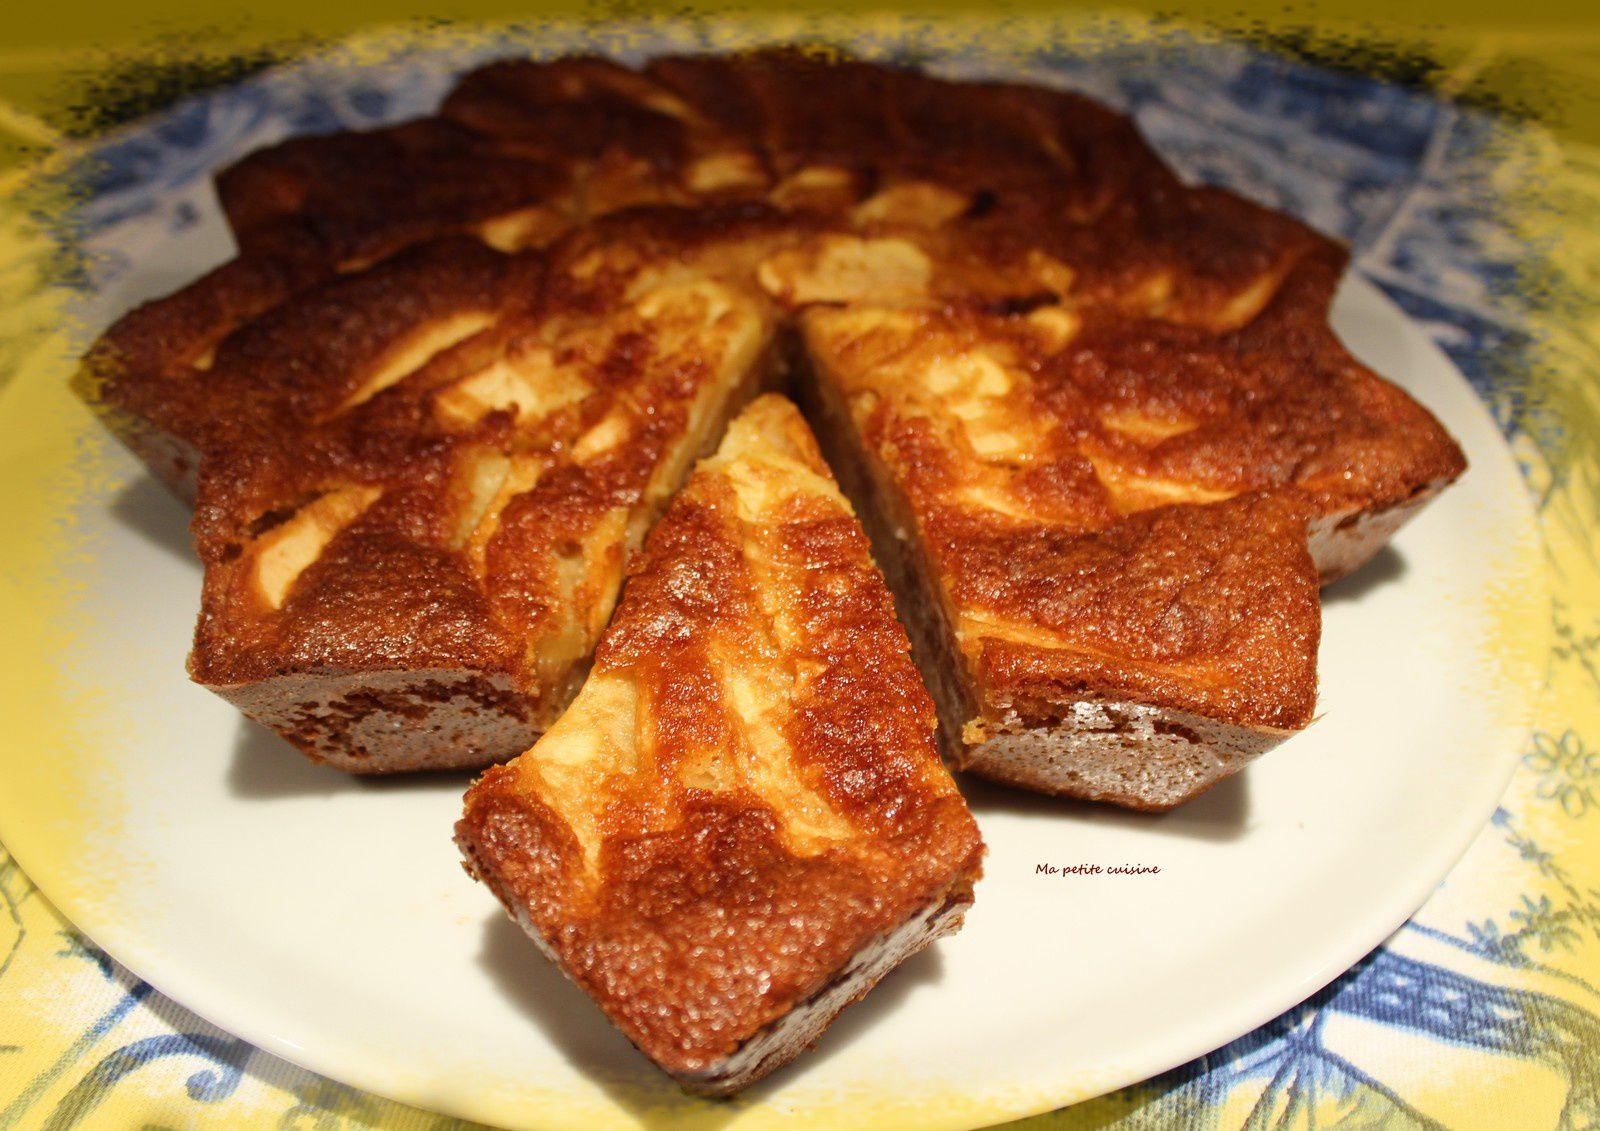 Gâteau aux pommes et caramel au beurre salé